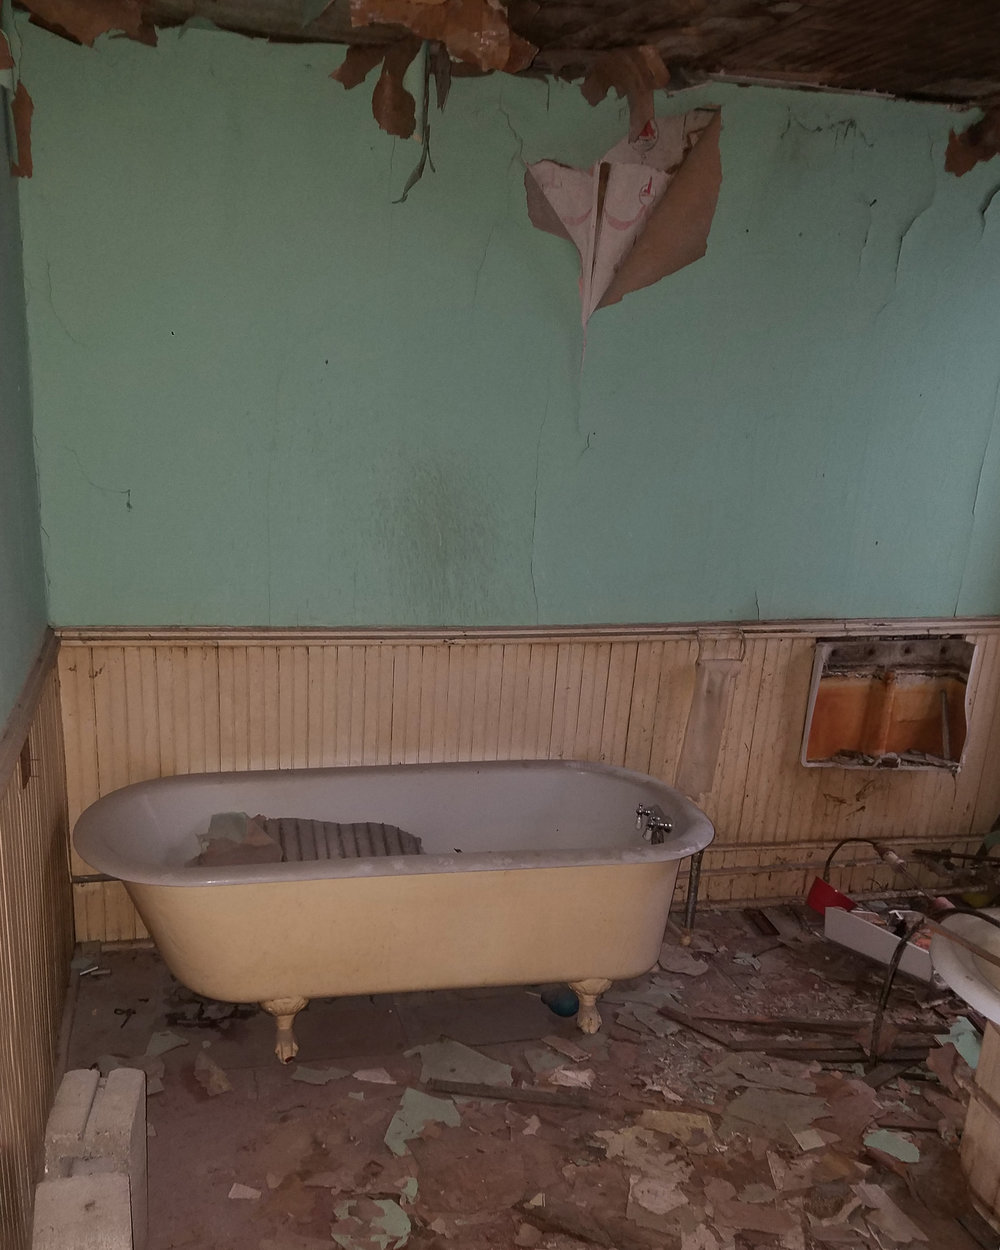 Apt5-old-tub.jpg